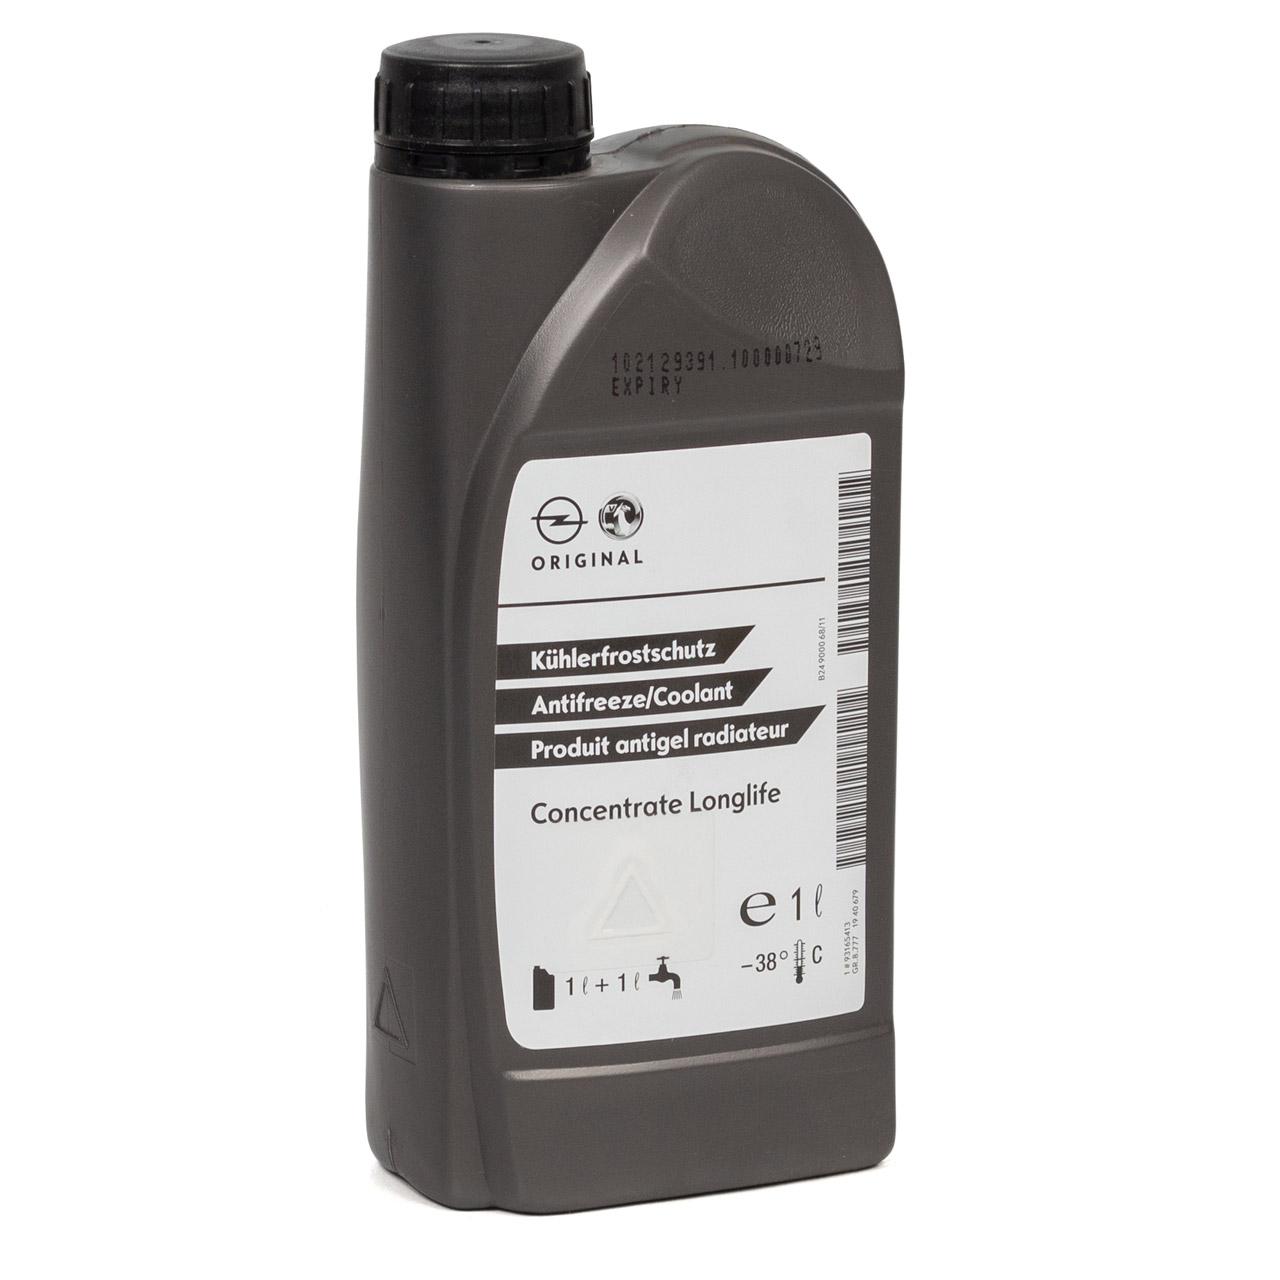 ORIGINAL GM Opel Kühlerfrostschutz Konzentrat LONGLIFE 1 Liter 93165413 (MHD 02.2023)